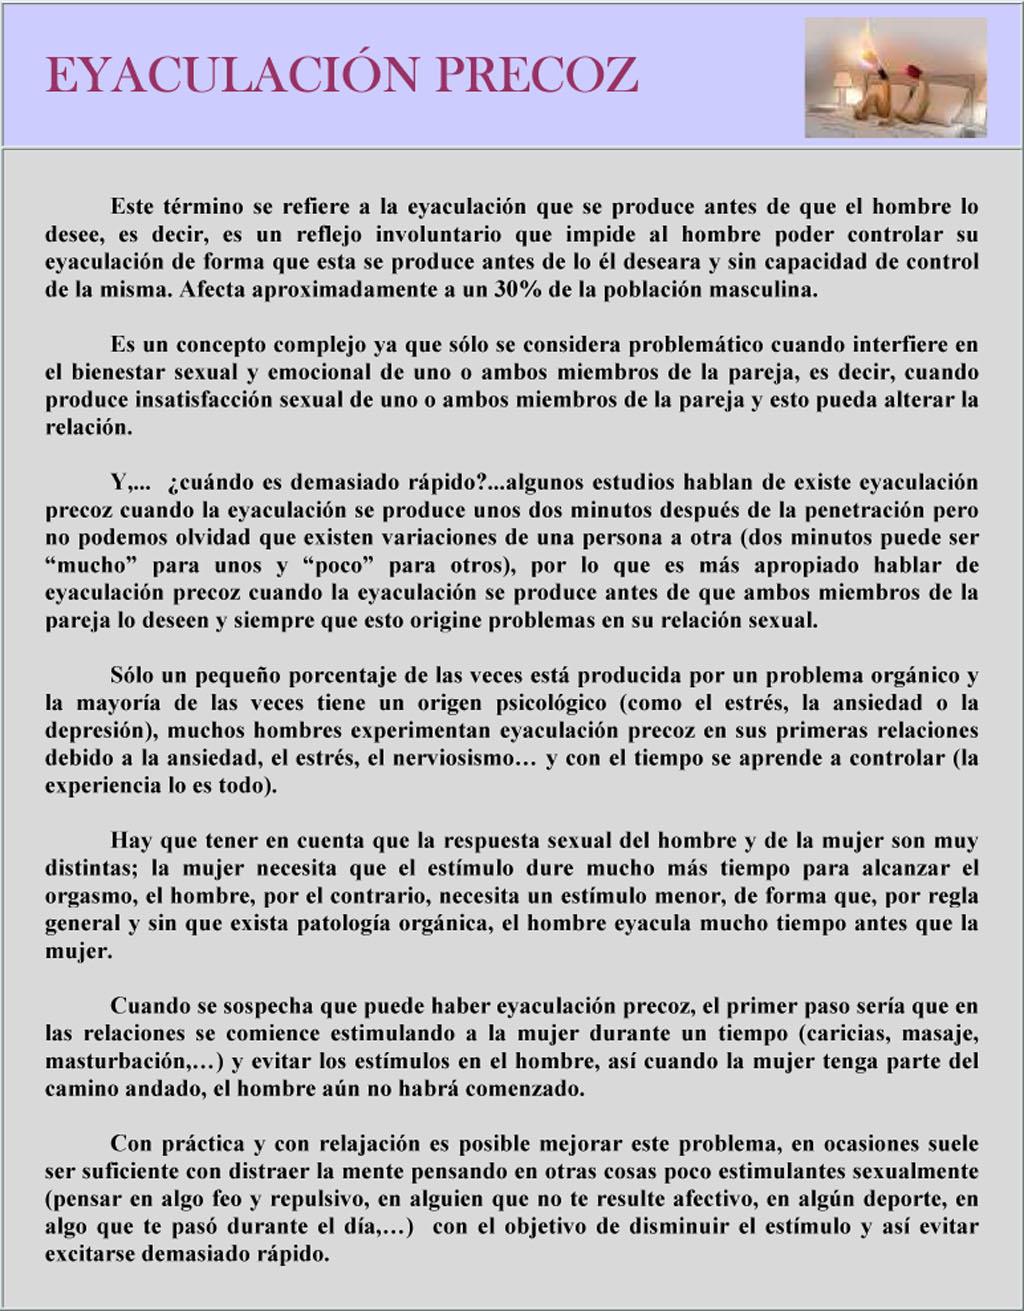 EYACULACIÓN PRECOZ-1